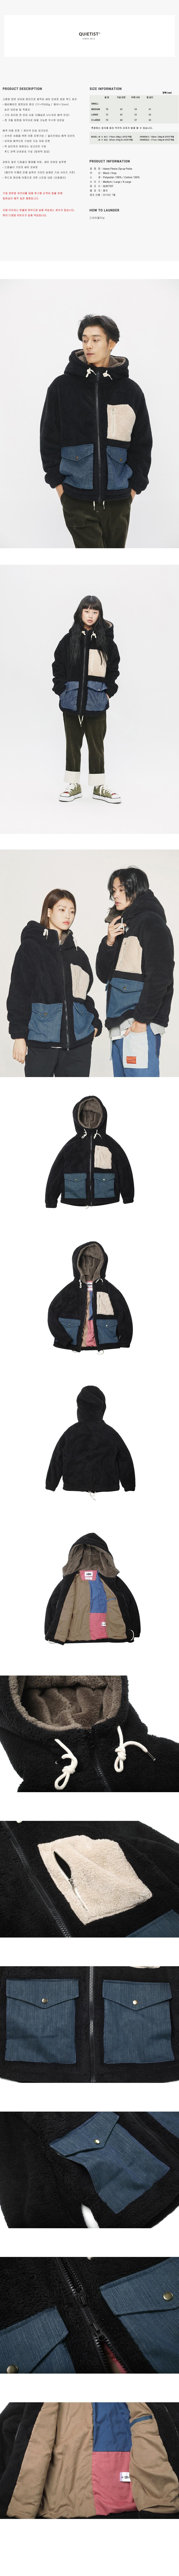 3_Heavy Fleece Zip-up Parka_black1000.jpg